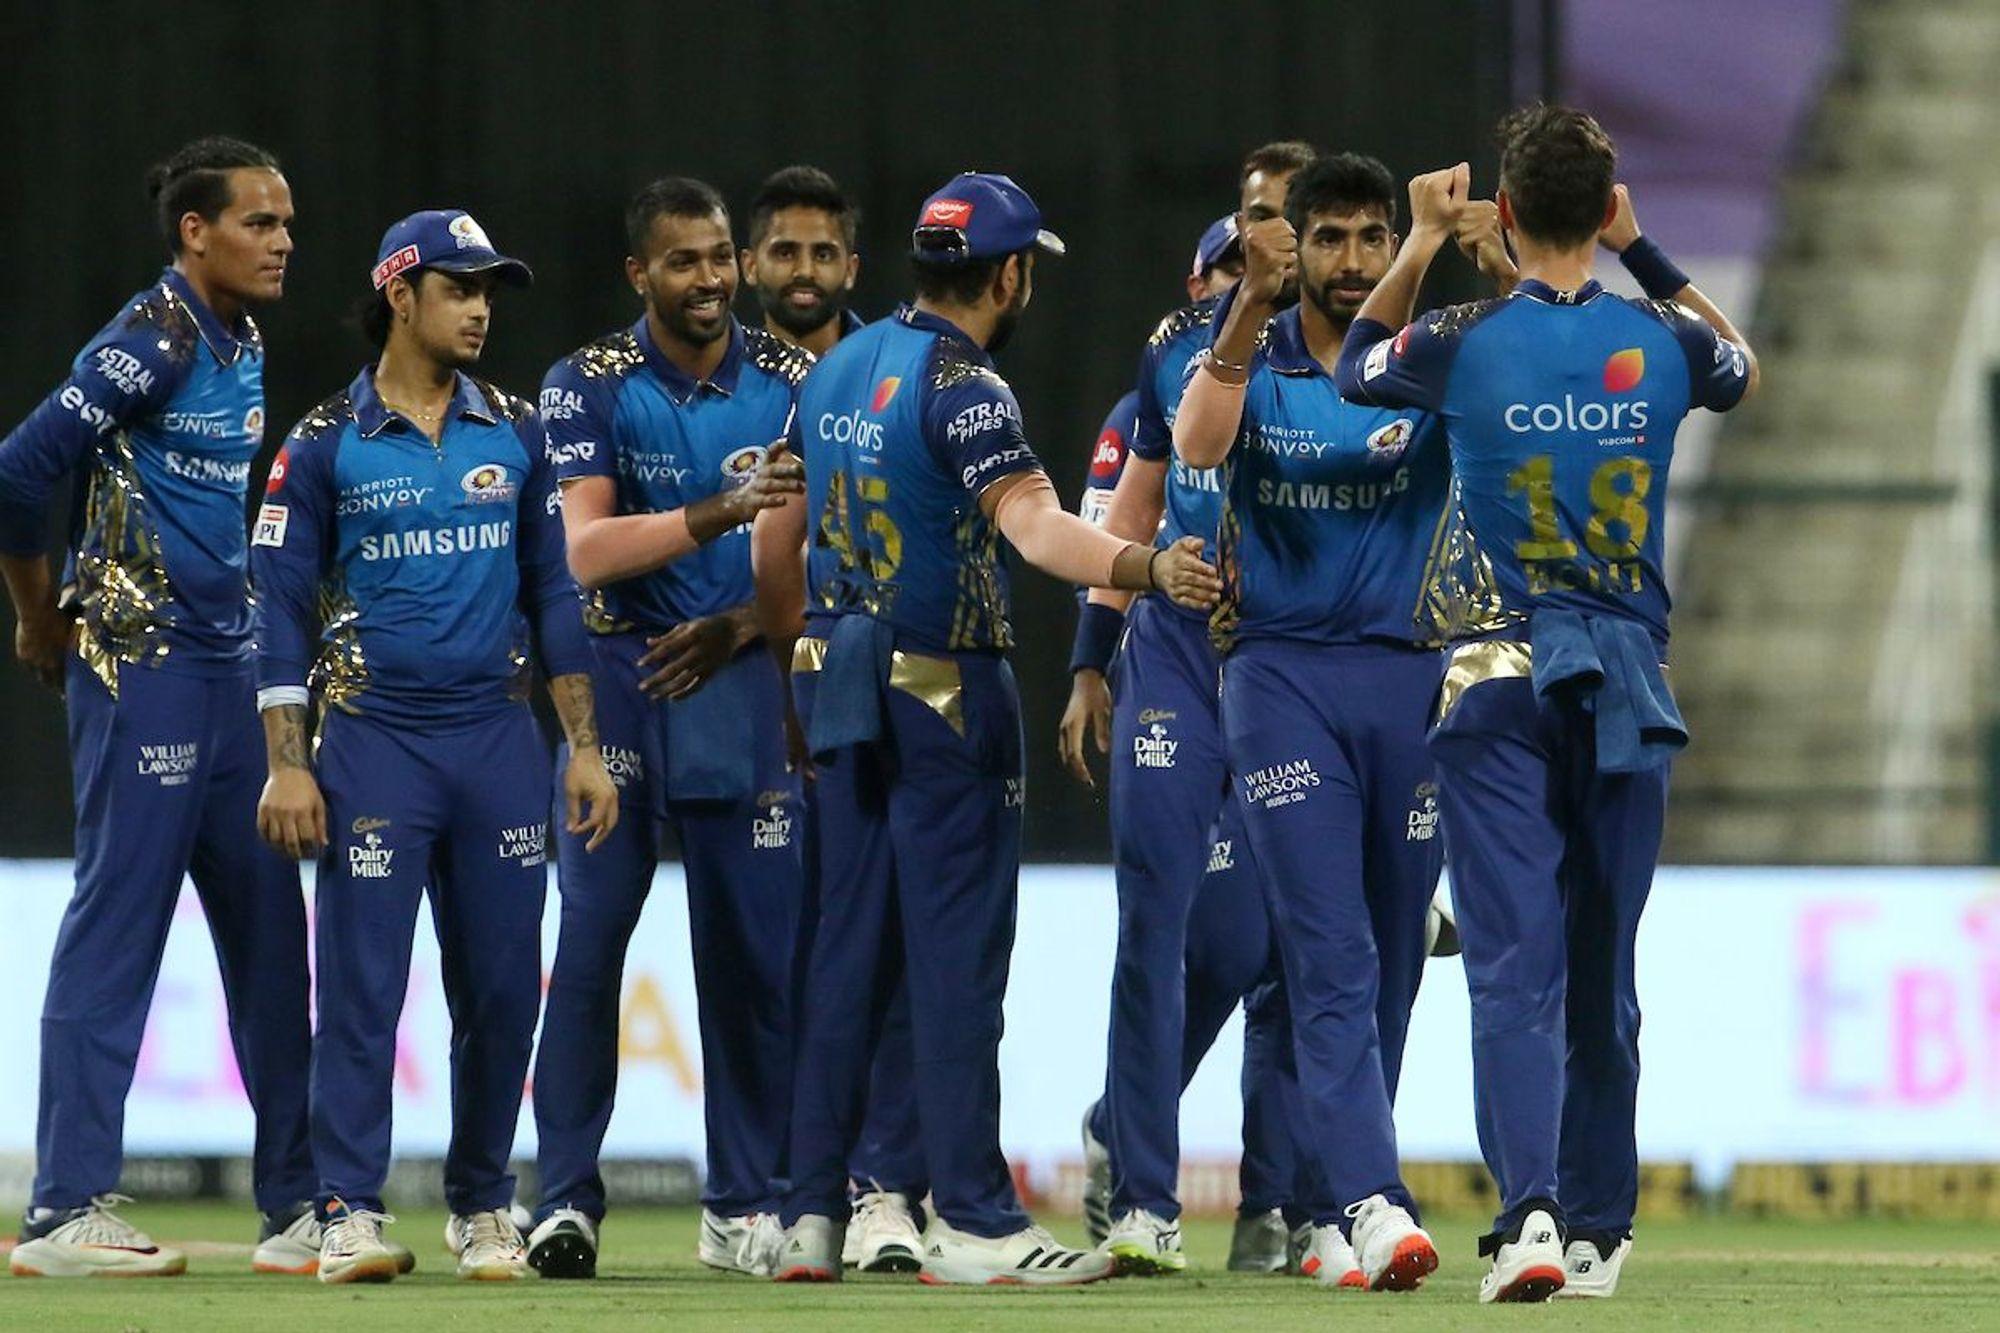 इस आईपीएल टीम का विश्व कप टीम में दबदबा 6 खिलाड़ियों को मिली जगह, इस एक टीम से किसी को नहीं मिल पाई जगह 2